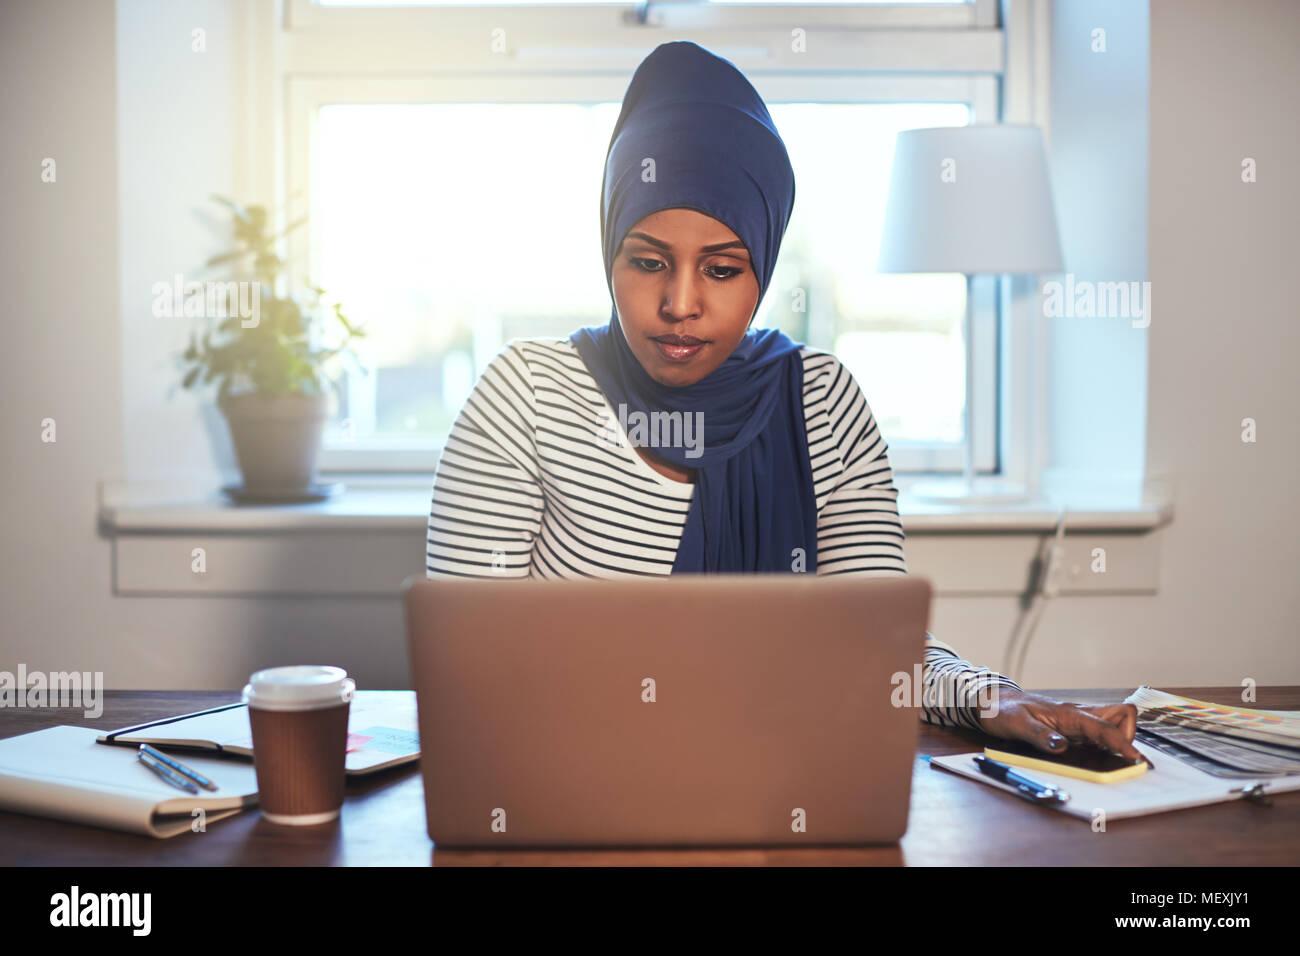 Bureau En Arabe : L accent arabe jeune femme entrepreneur portant un hijab en ligne